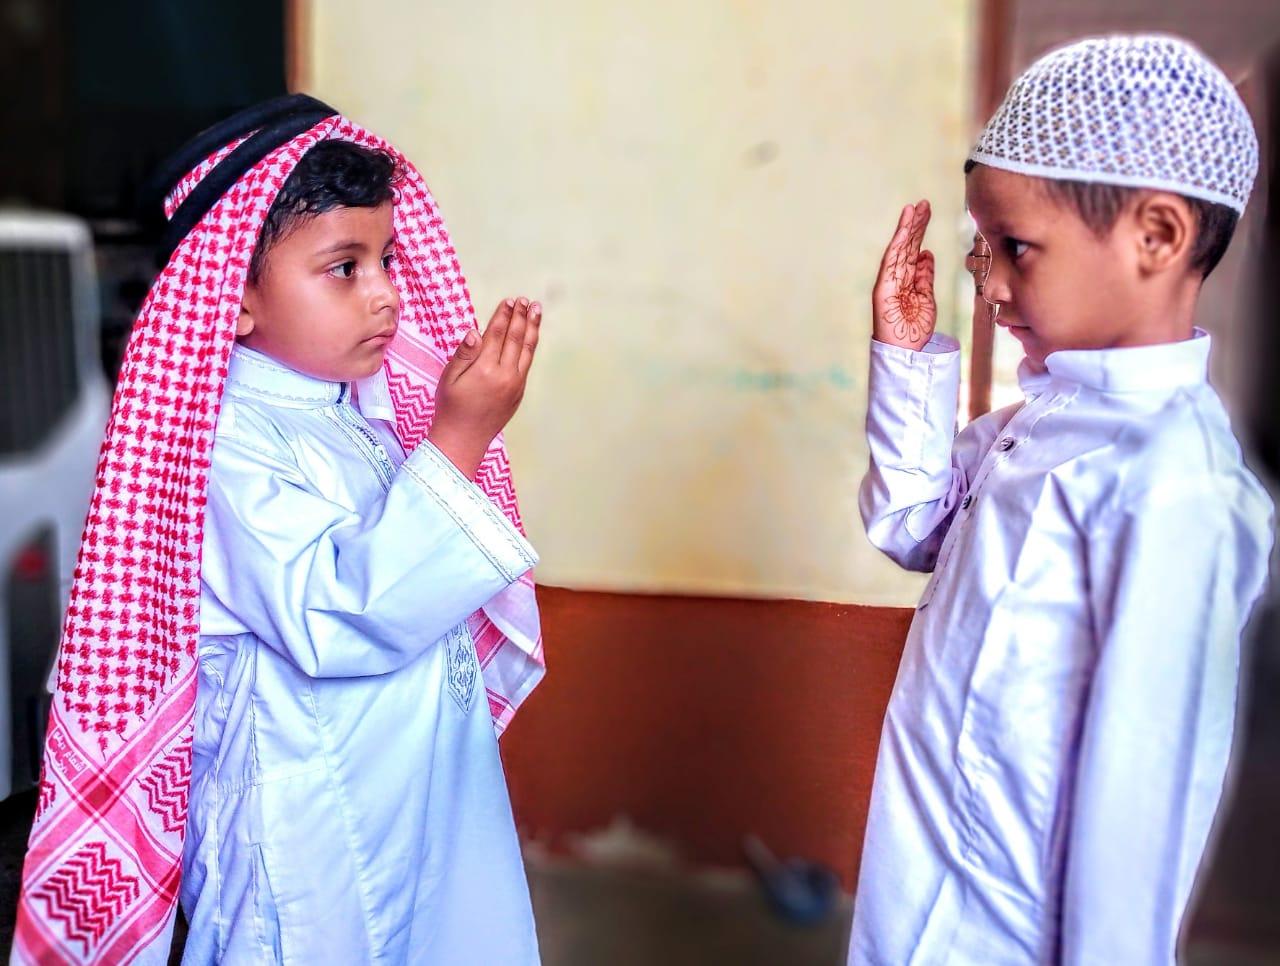 हिंदी समाचार | लॉक डाउन के वजह से ईद पर्व...